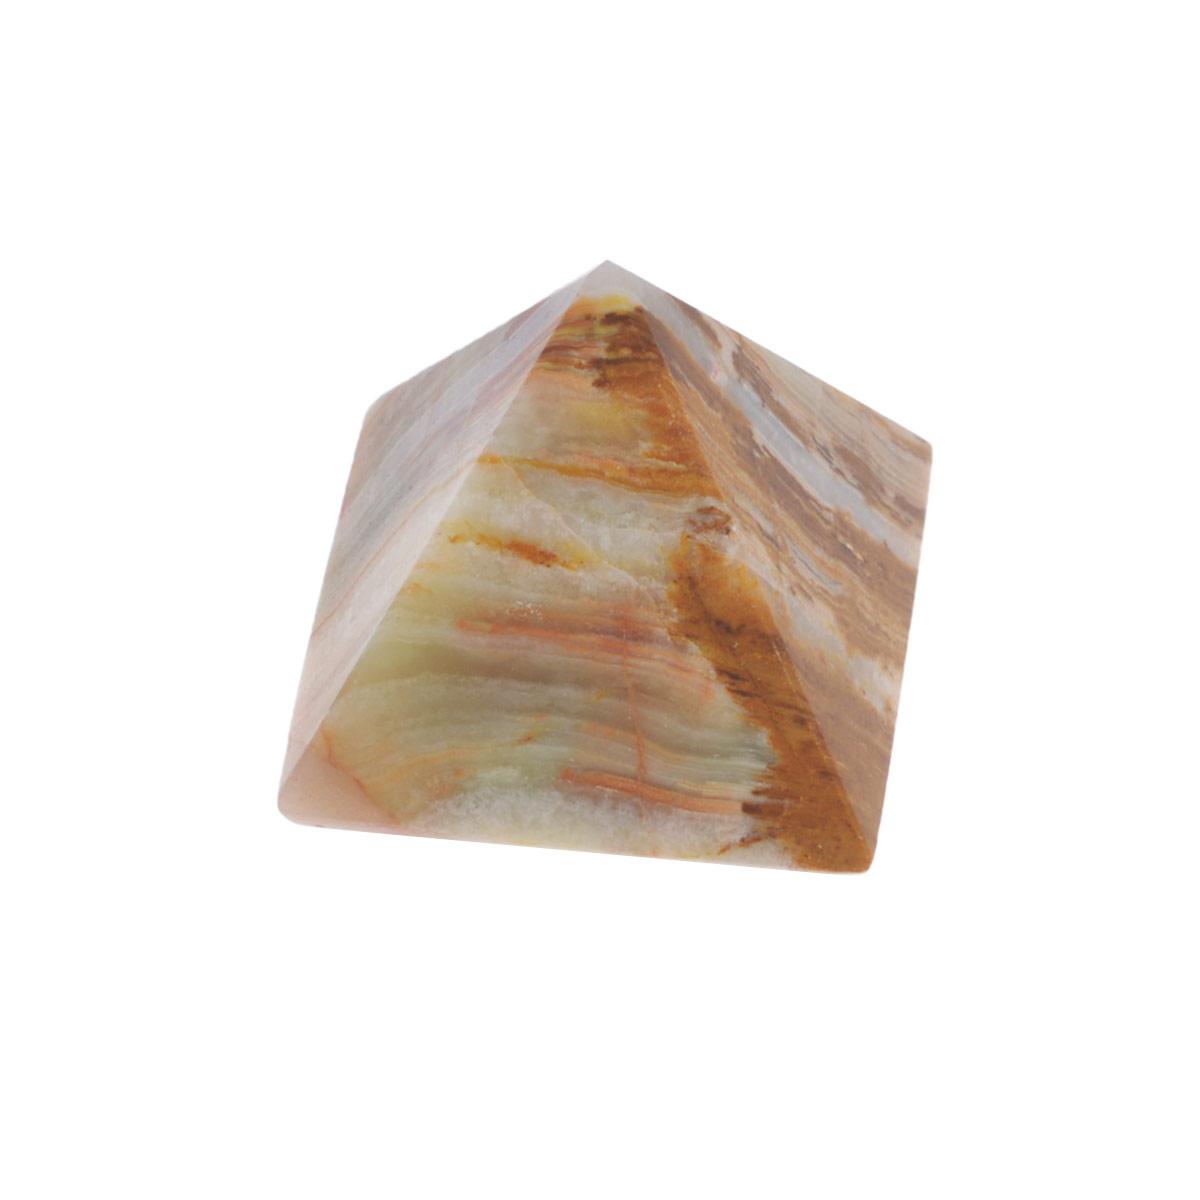 Сувенир Sima-land Пирамида, 3 см х 3 см х 3,5 см593718Сувенир Sima-land Пирамида выполнен из натурального оникса. Этот камень помогает снимать стрессы, облегчает боль, способствует эмоциональному равновесию и самоконтролю. Его применяют при расстройстве нервной системы, депрессиях, бессоннице, при лечении болезней сердца. Оникс хорошо снимает боли и уменьшает воспаления. Сувенир Sima-land Пирамида станет отличным подарком на любой праздник и дополнит интерьер вашей комнаты. УВАЖАЕМЫЕ КЛИЕНТЫ! Обращаем ваше внимание на тот факт, что цветовой оттенок товара может отличатся от представленного на изображении, поскольку фигурка выполнена из натурального камня. Учитывайте это при оформлении заказа.